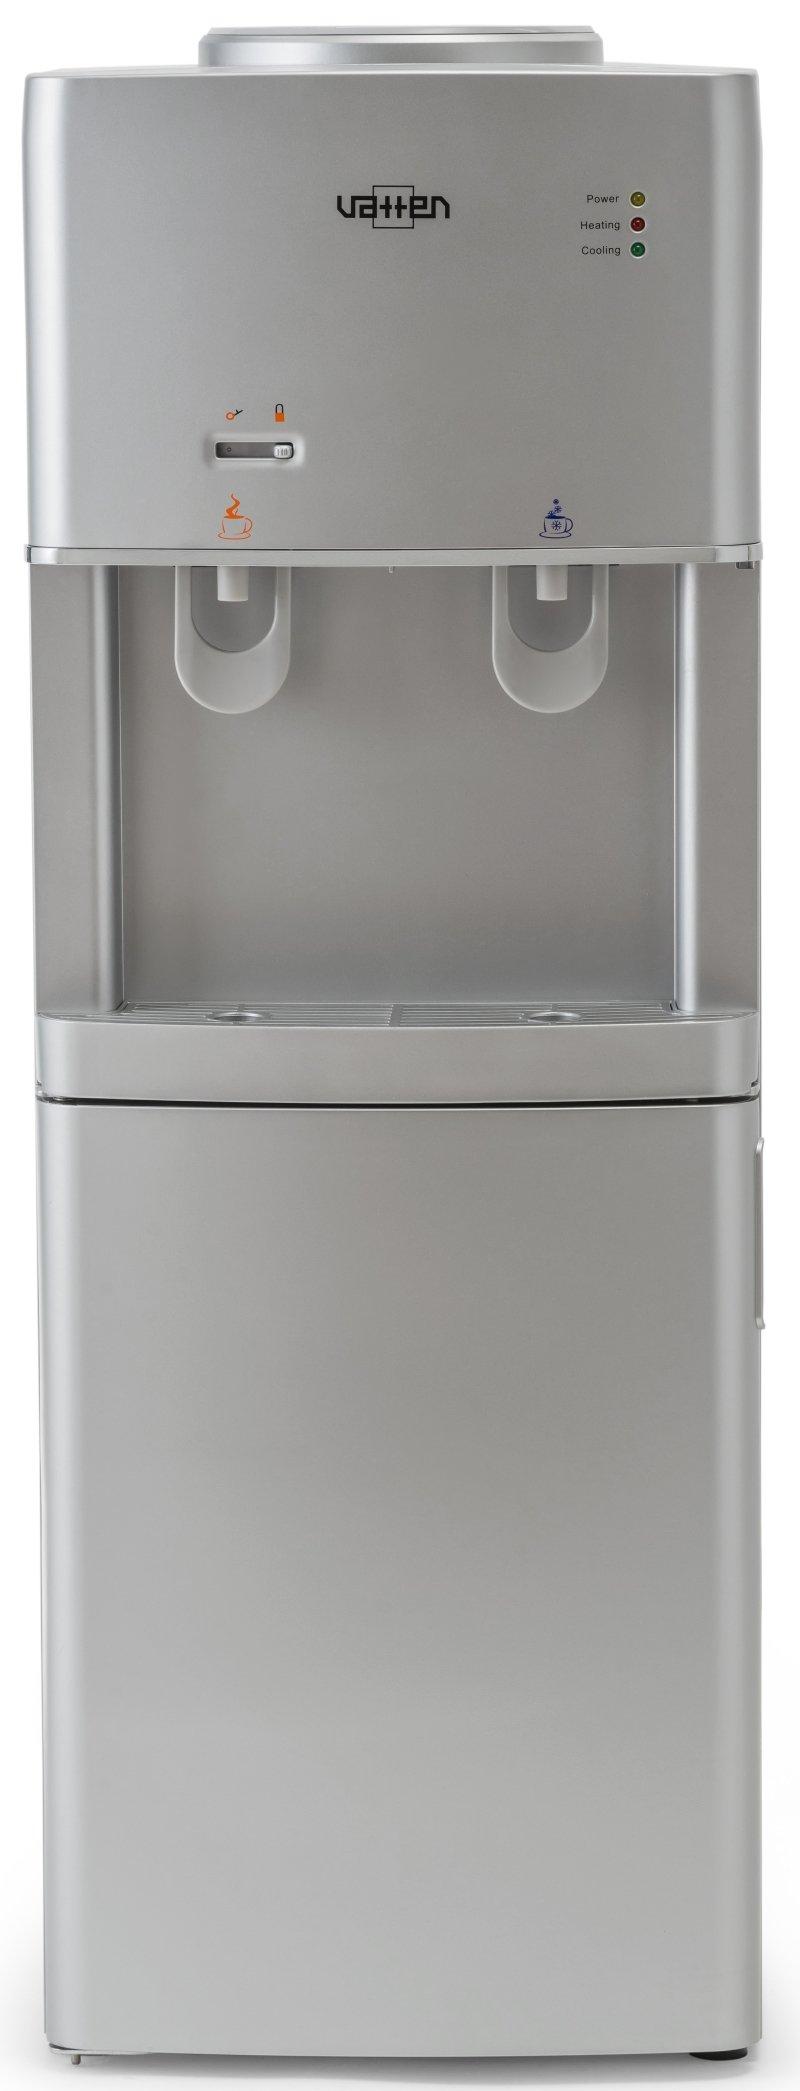 Кулер для воды Vatten V16SKA напольный, с нагревом и охлаждением